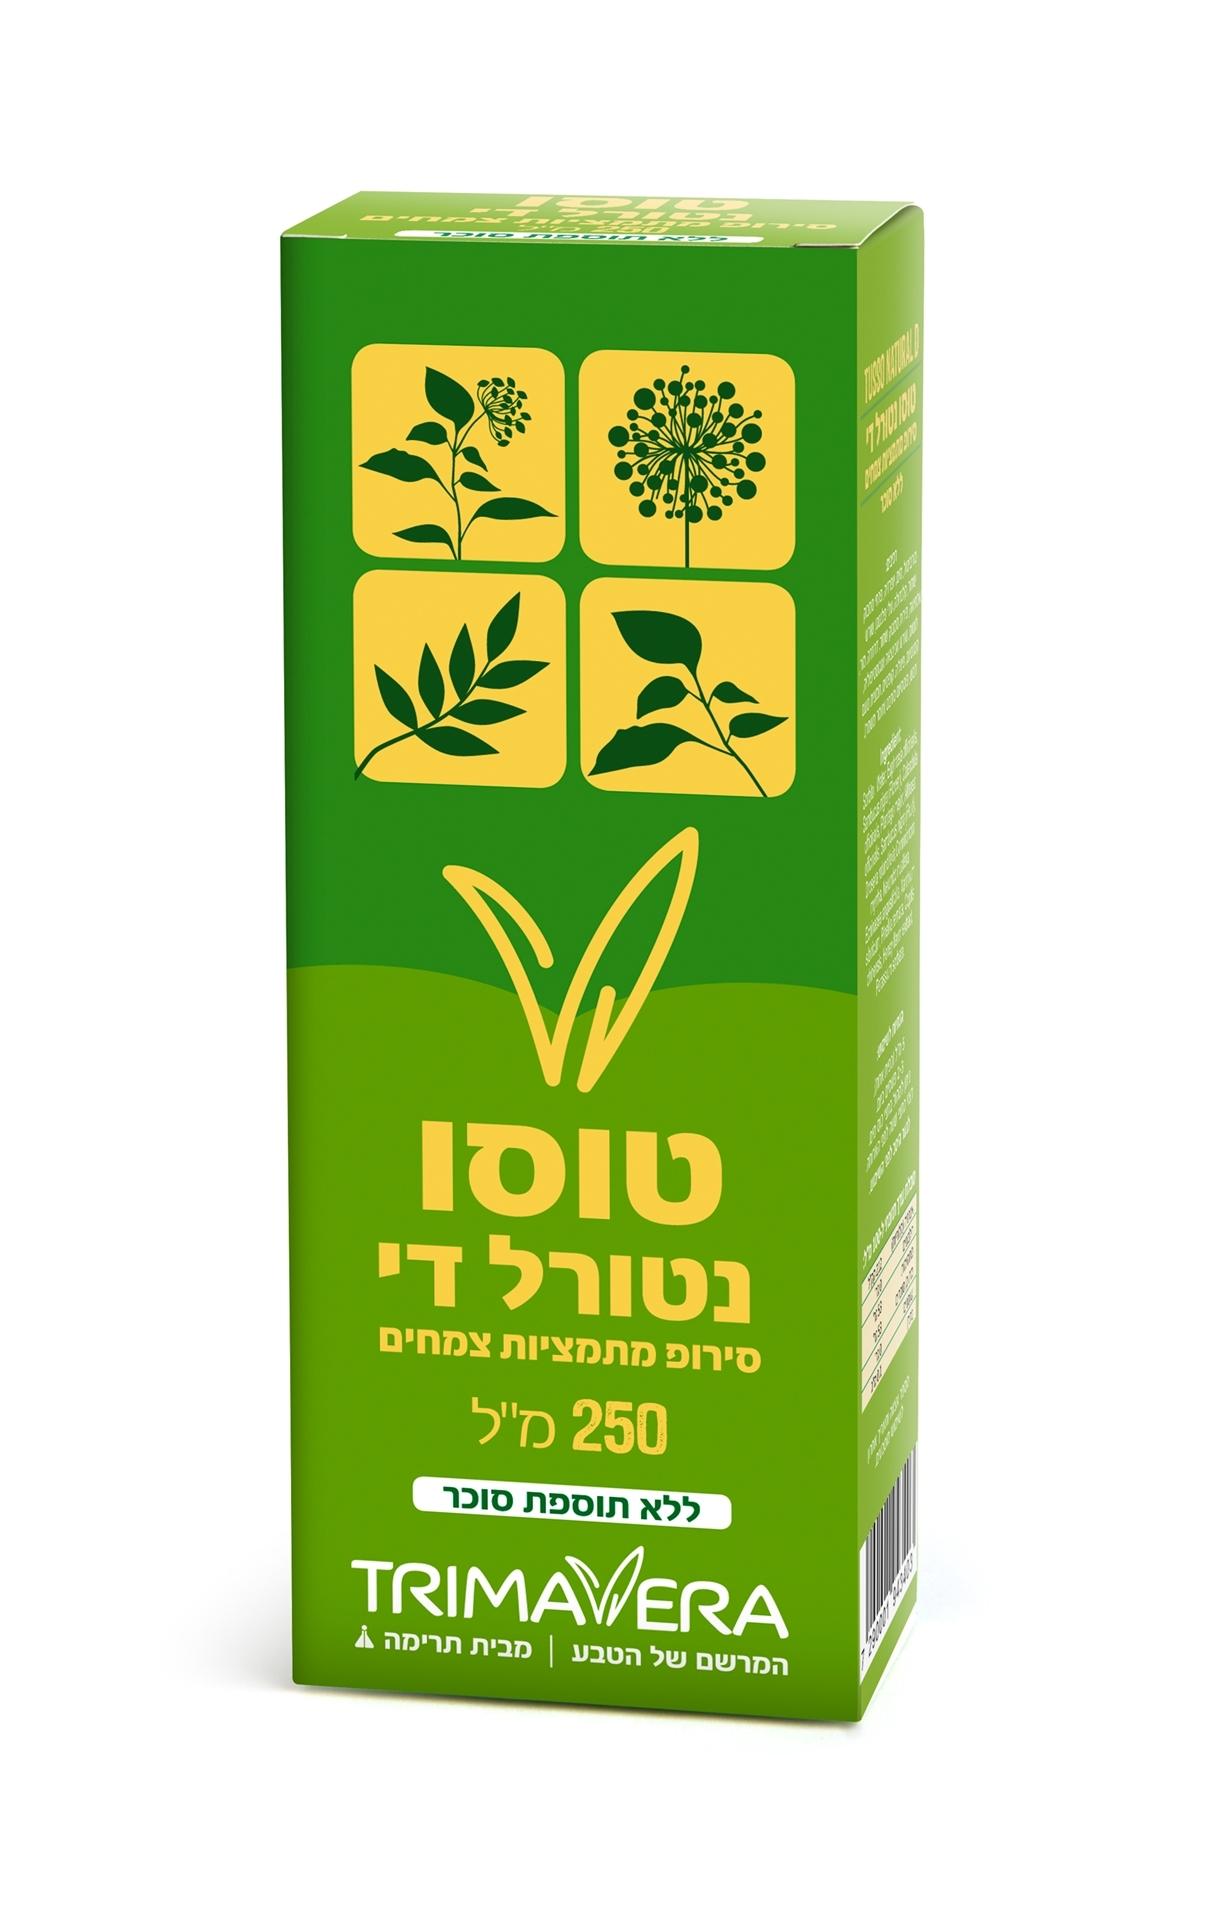 טוסו נטורל די סירופ מתמצית צמחים ללא סוכר Tusso Natural D Herbal Extract Syrup